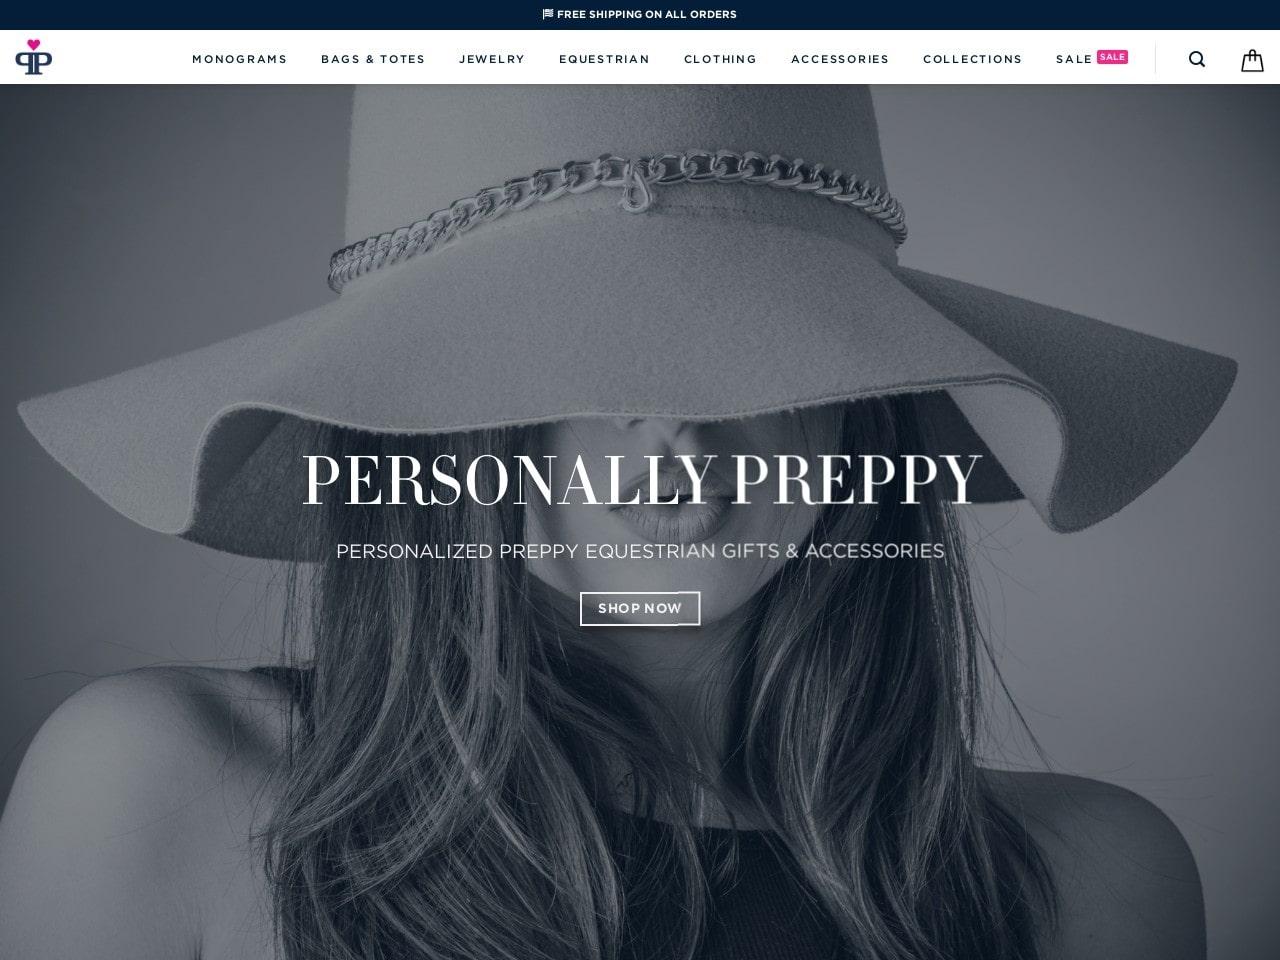 Personally Preppy